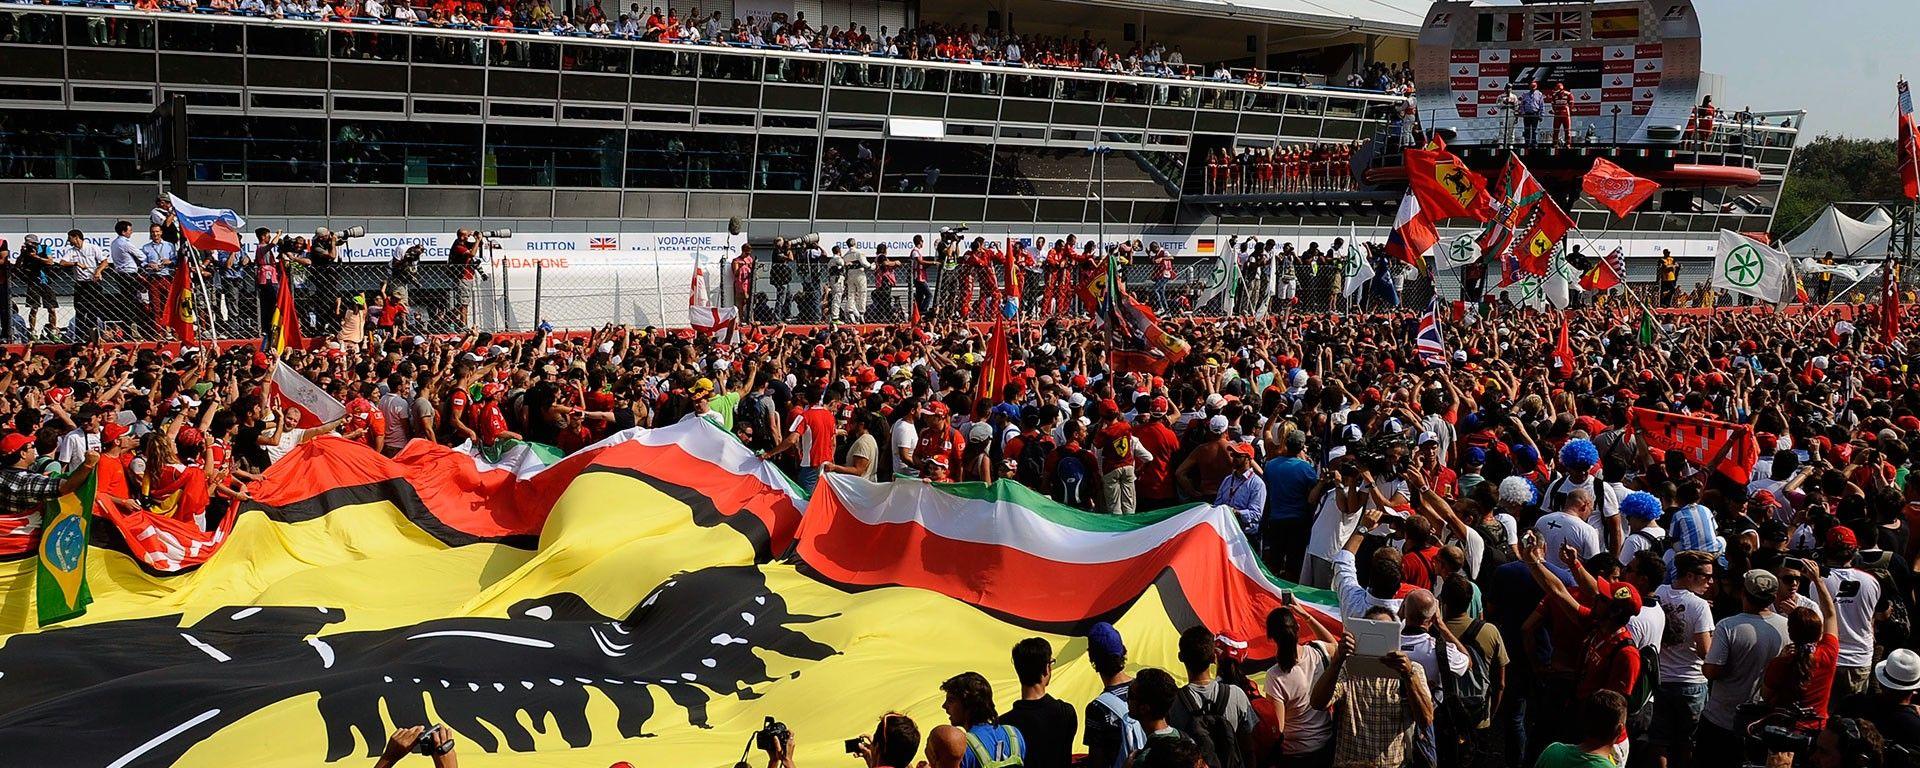 Gran Premio di Monza - Formula Uno. Il podio tinto di rosso Ferrari